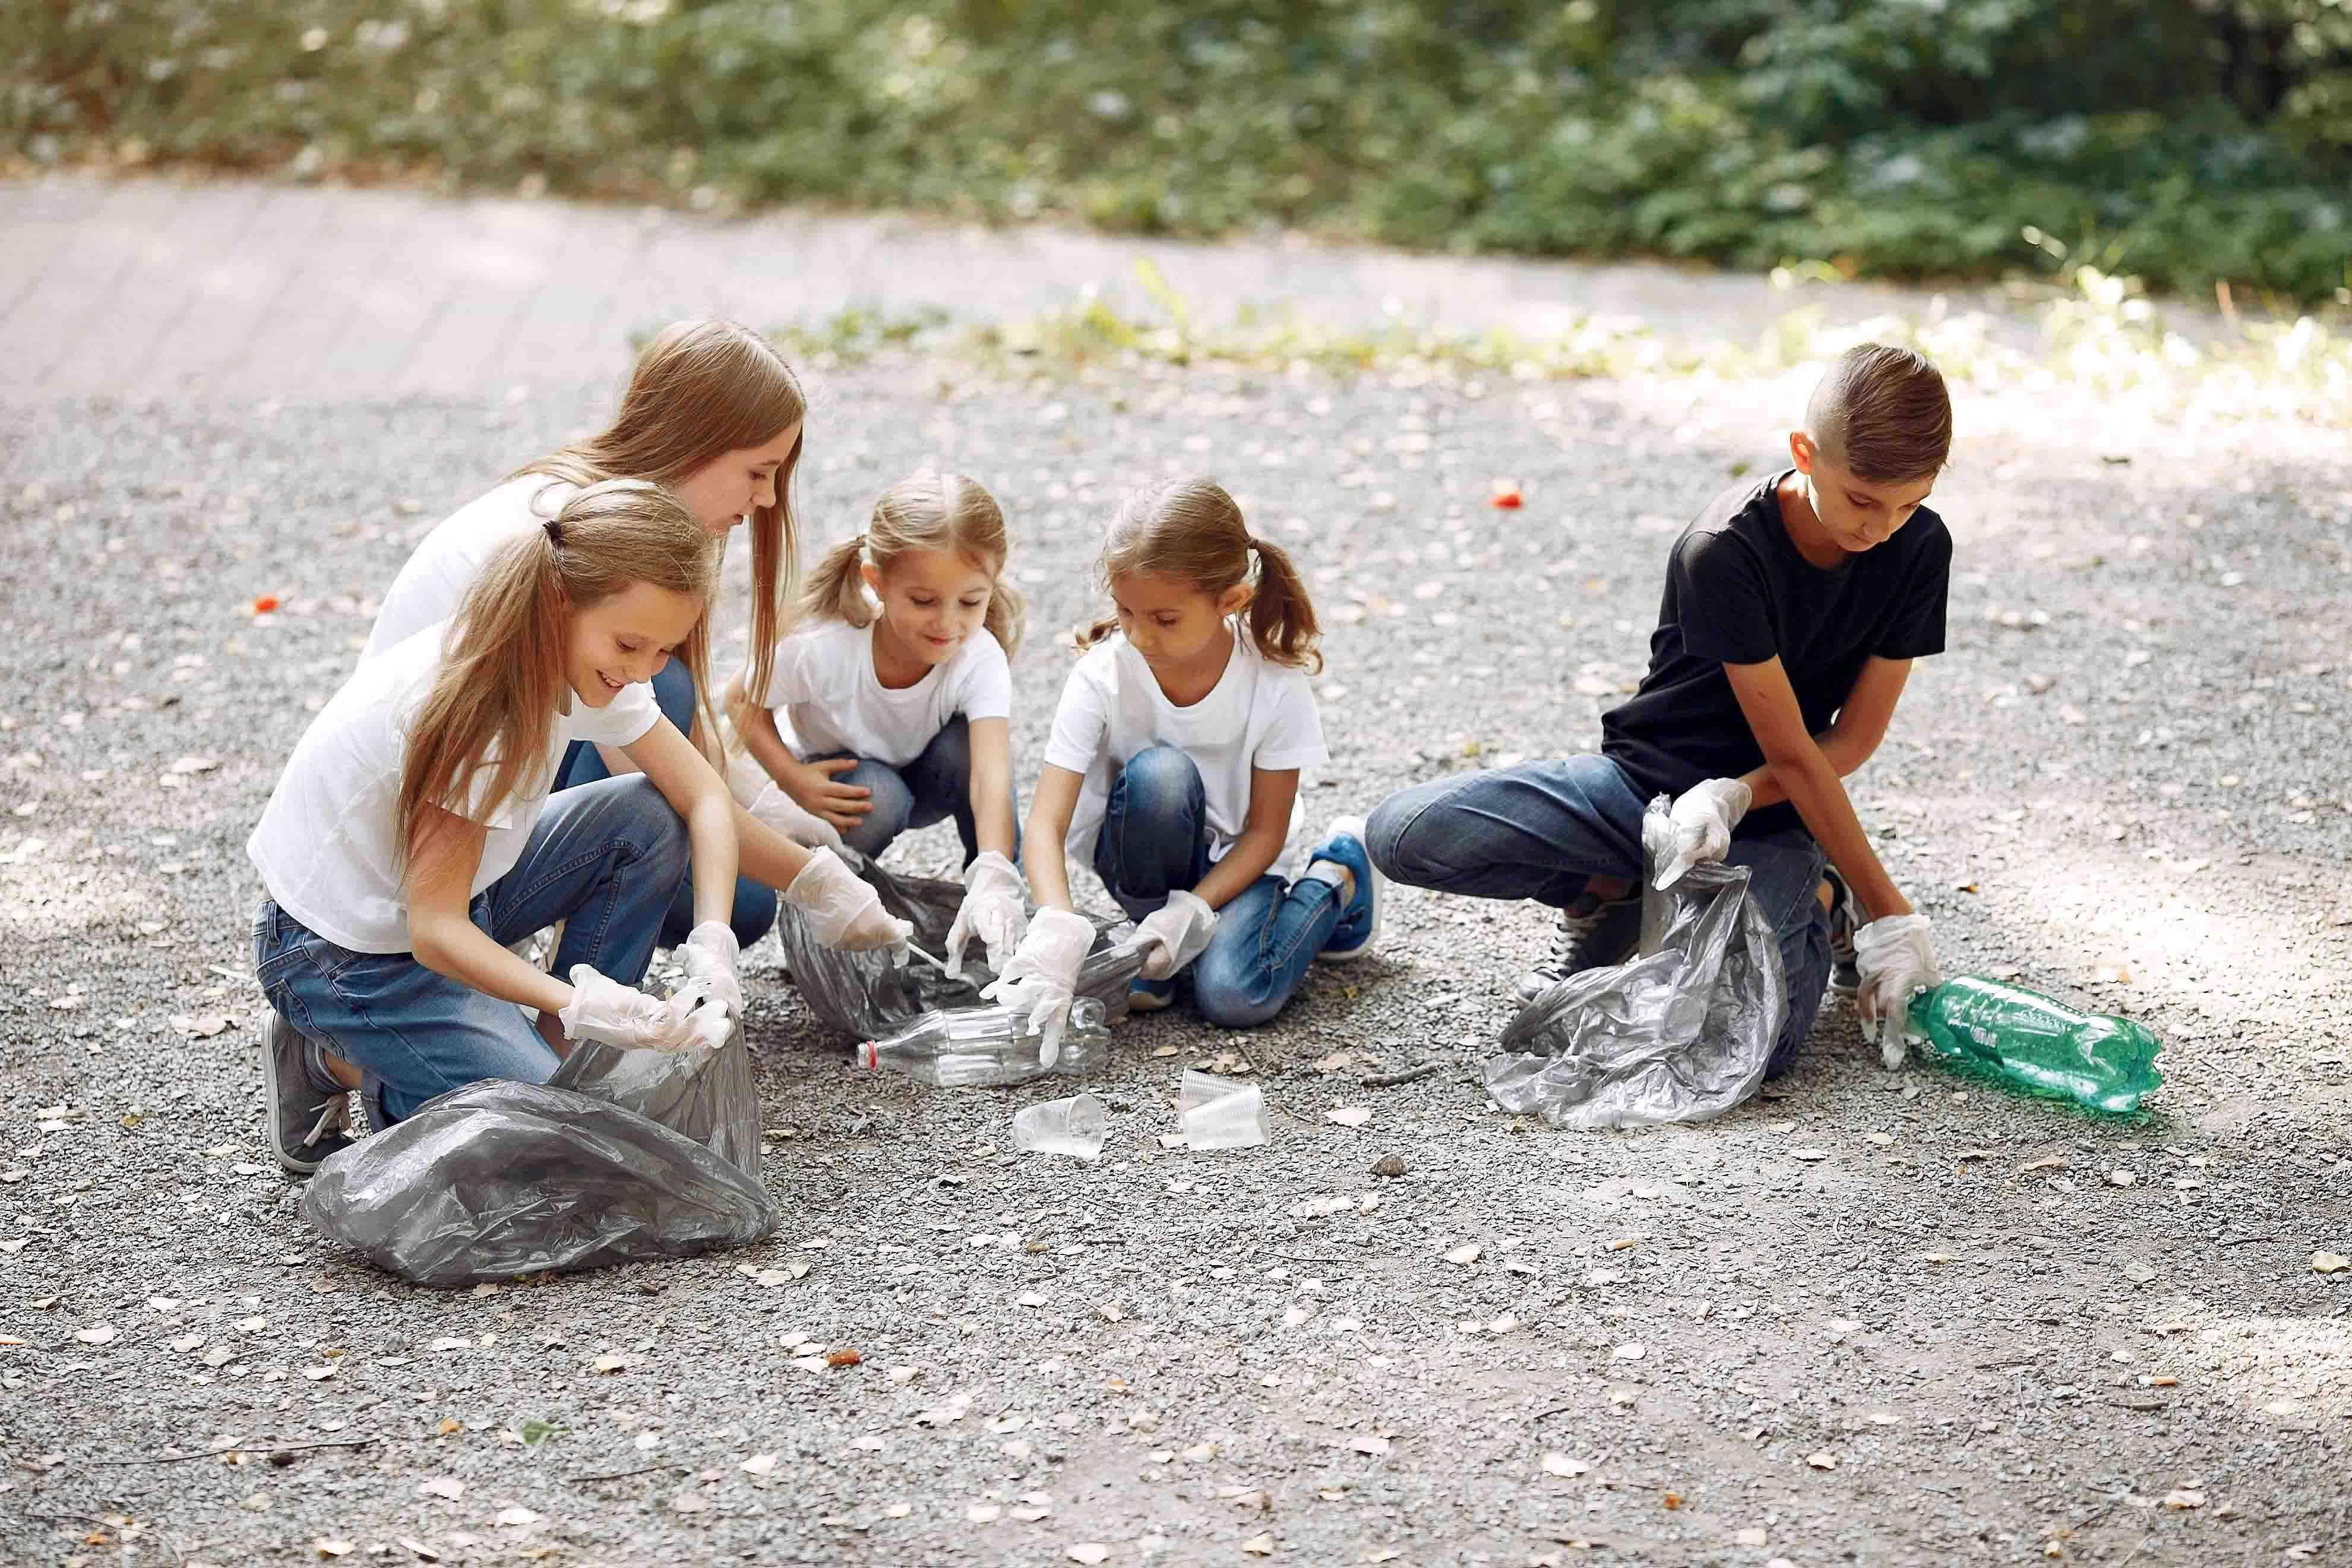 Los productos Polti hacen más sencilla la reducción del consumo de plástico 3